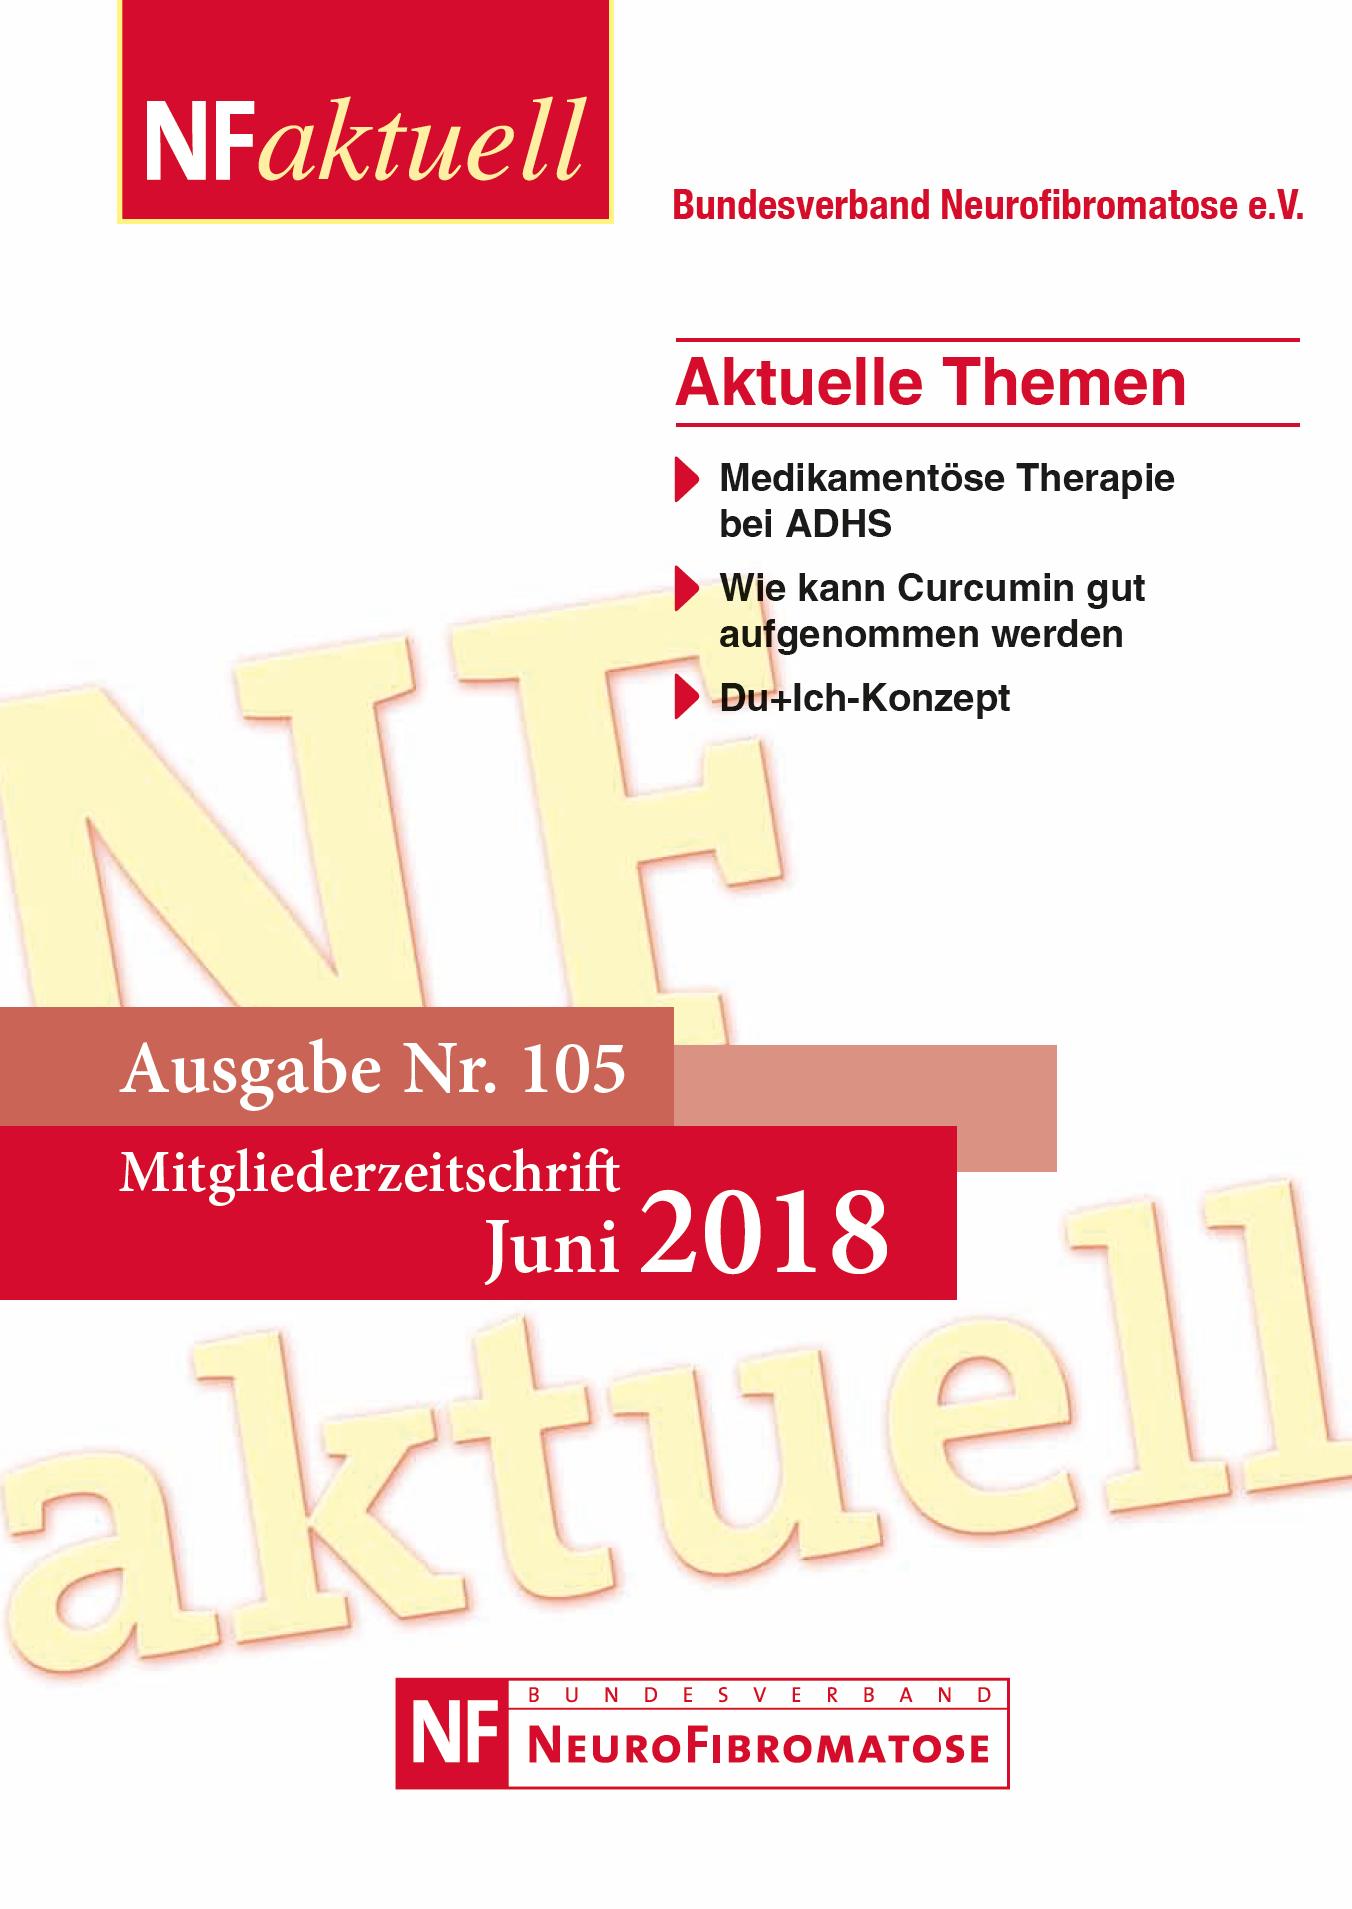 NFaktuell-105-Juni-2018 Bundesverband Neurofibromatose Mitgliederzeitschrift